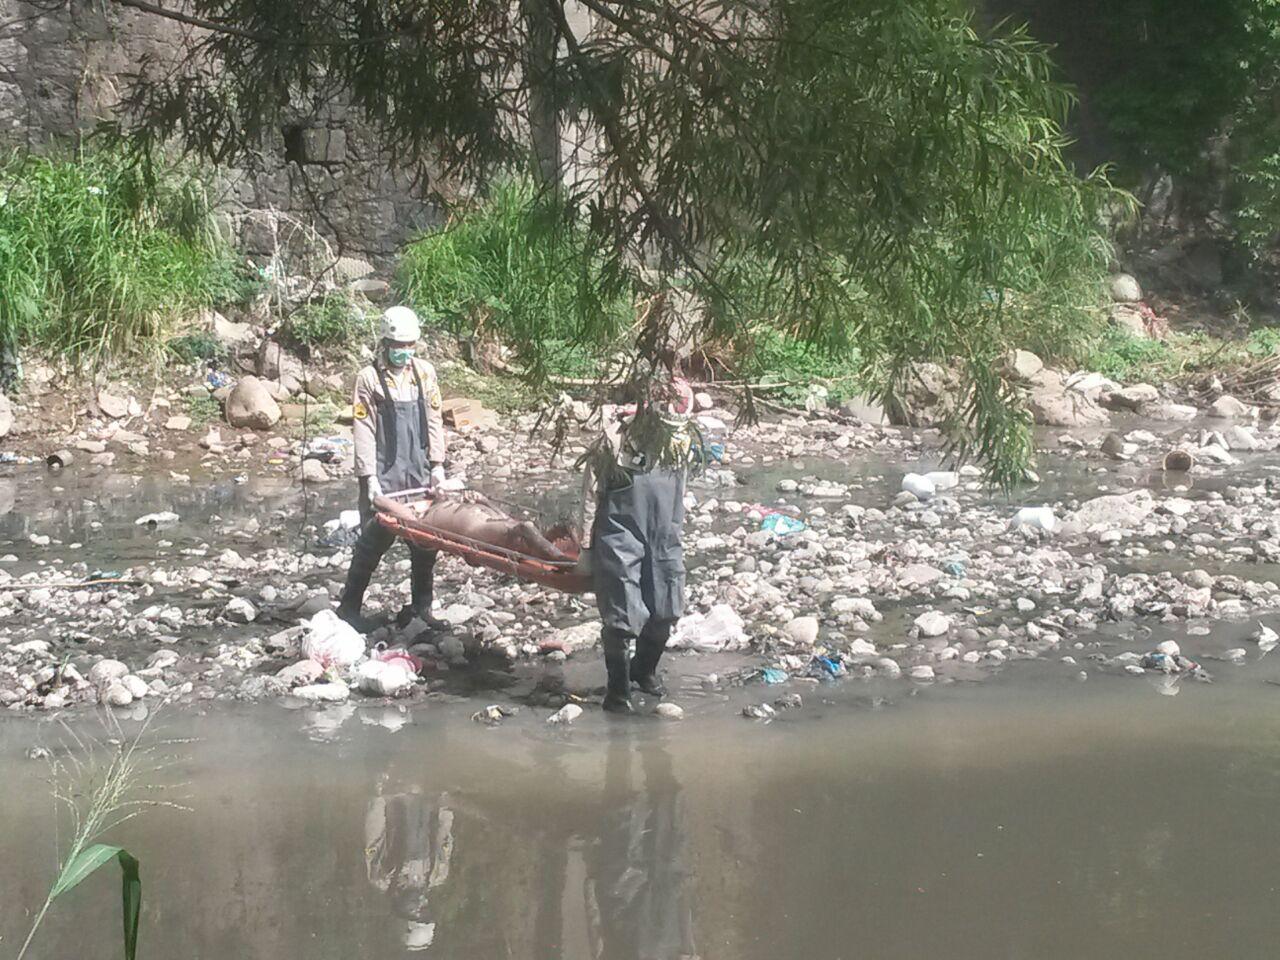 Honduras: Encuentran flotando cadáver en el río Guacerique